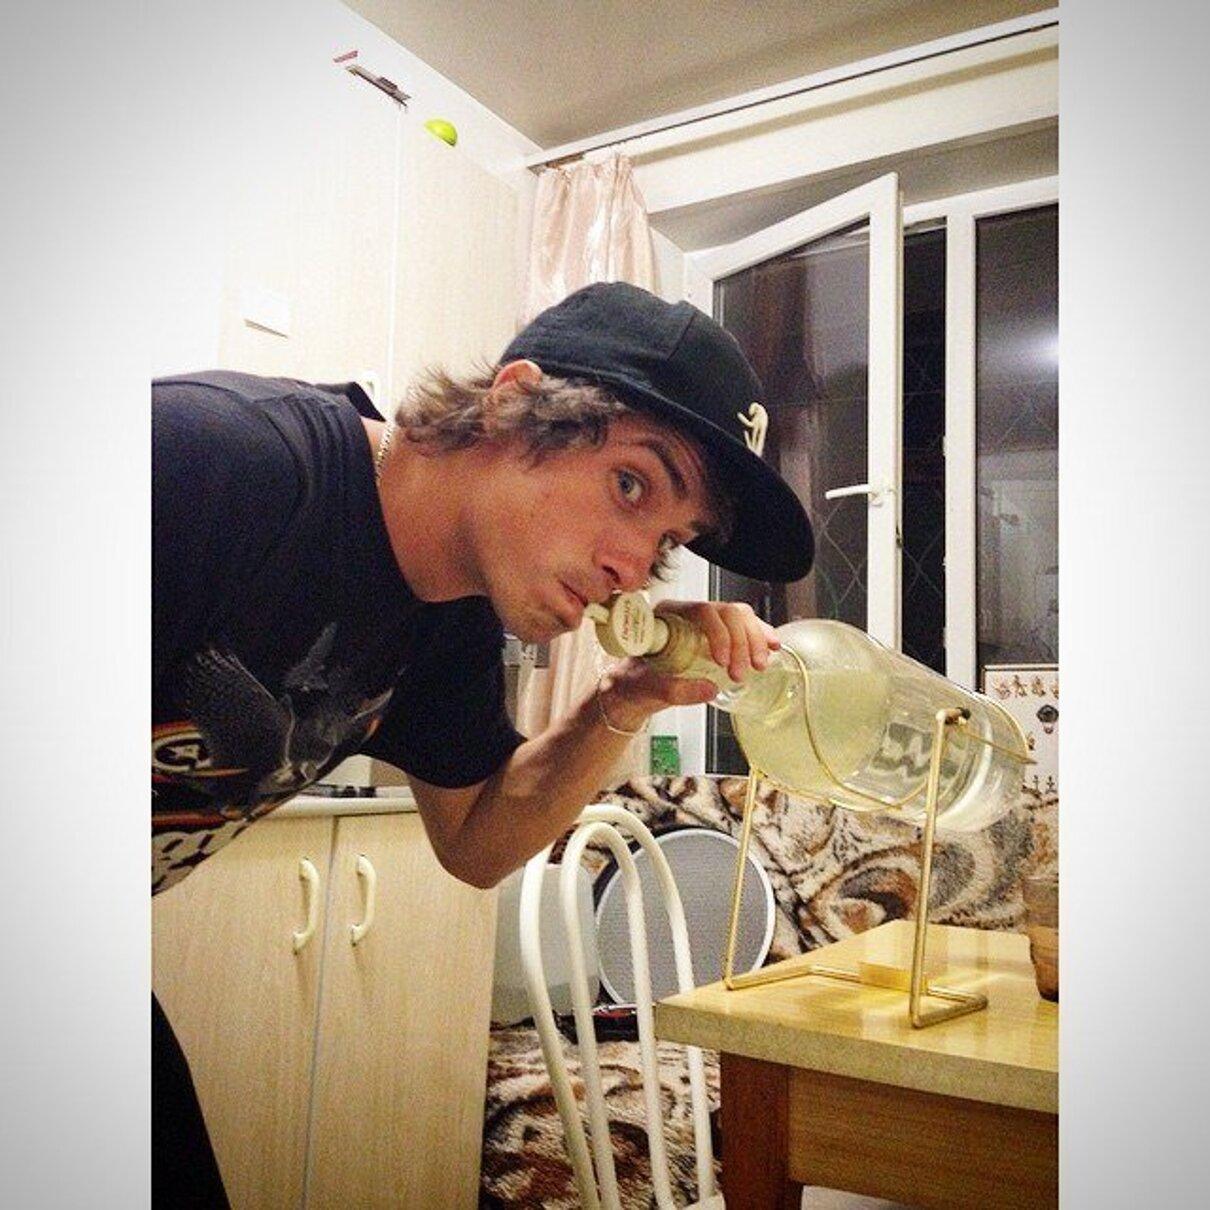 Жалоба-отзыв: Скейт инструктор Дима Давыдов - Непрофессионал, выкачивающий деньги из новичков.  Фото №4